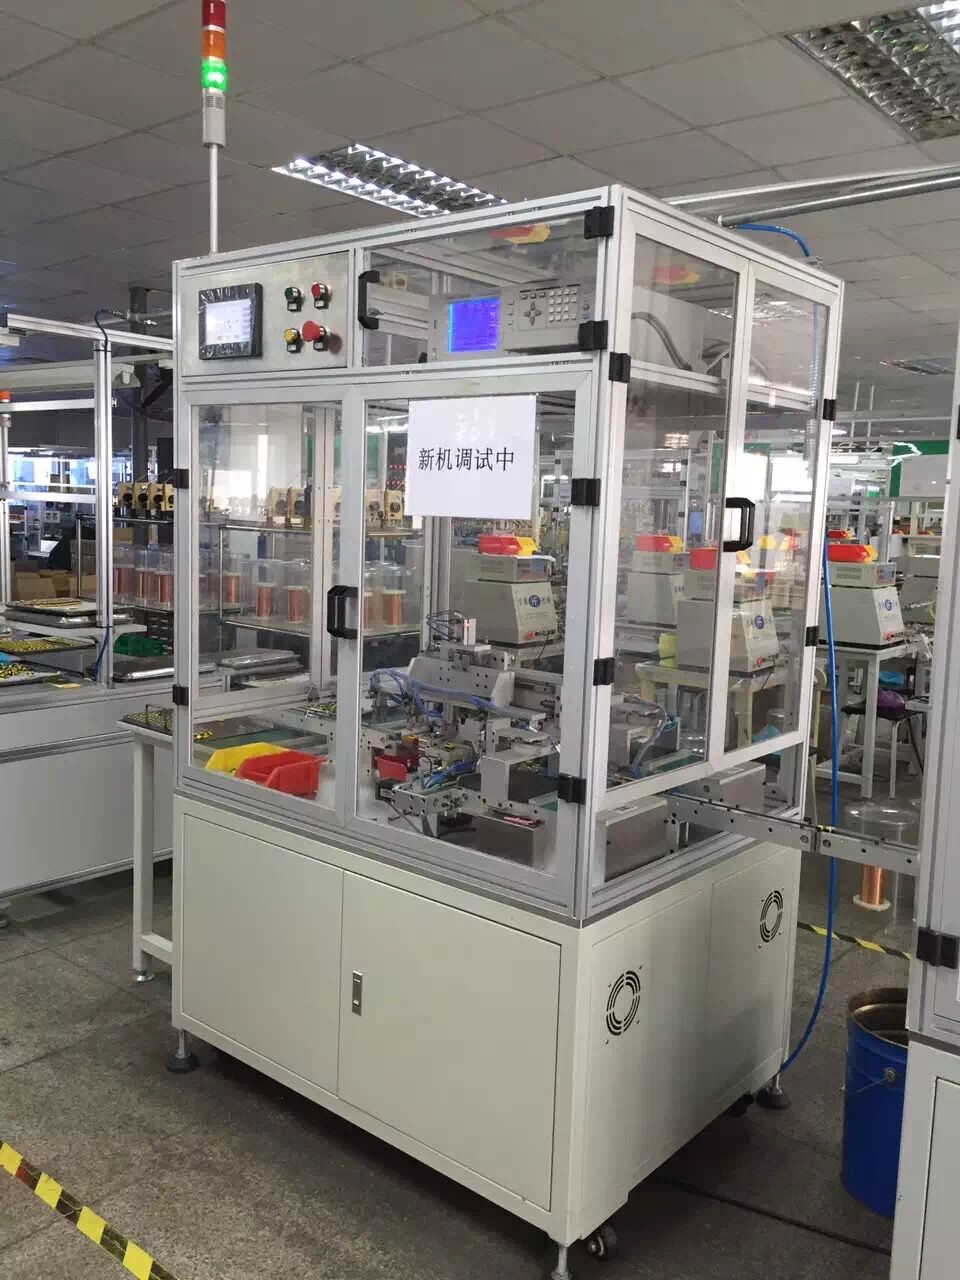 高品质厦门自动焊锡机批发,三明自动焊锡机供应商